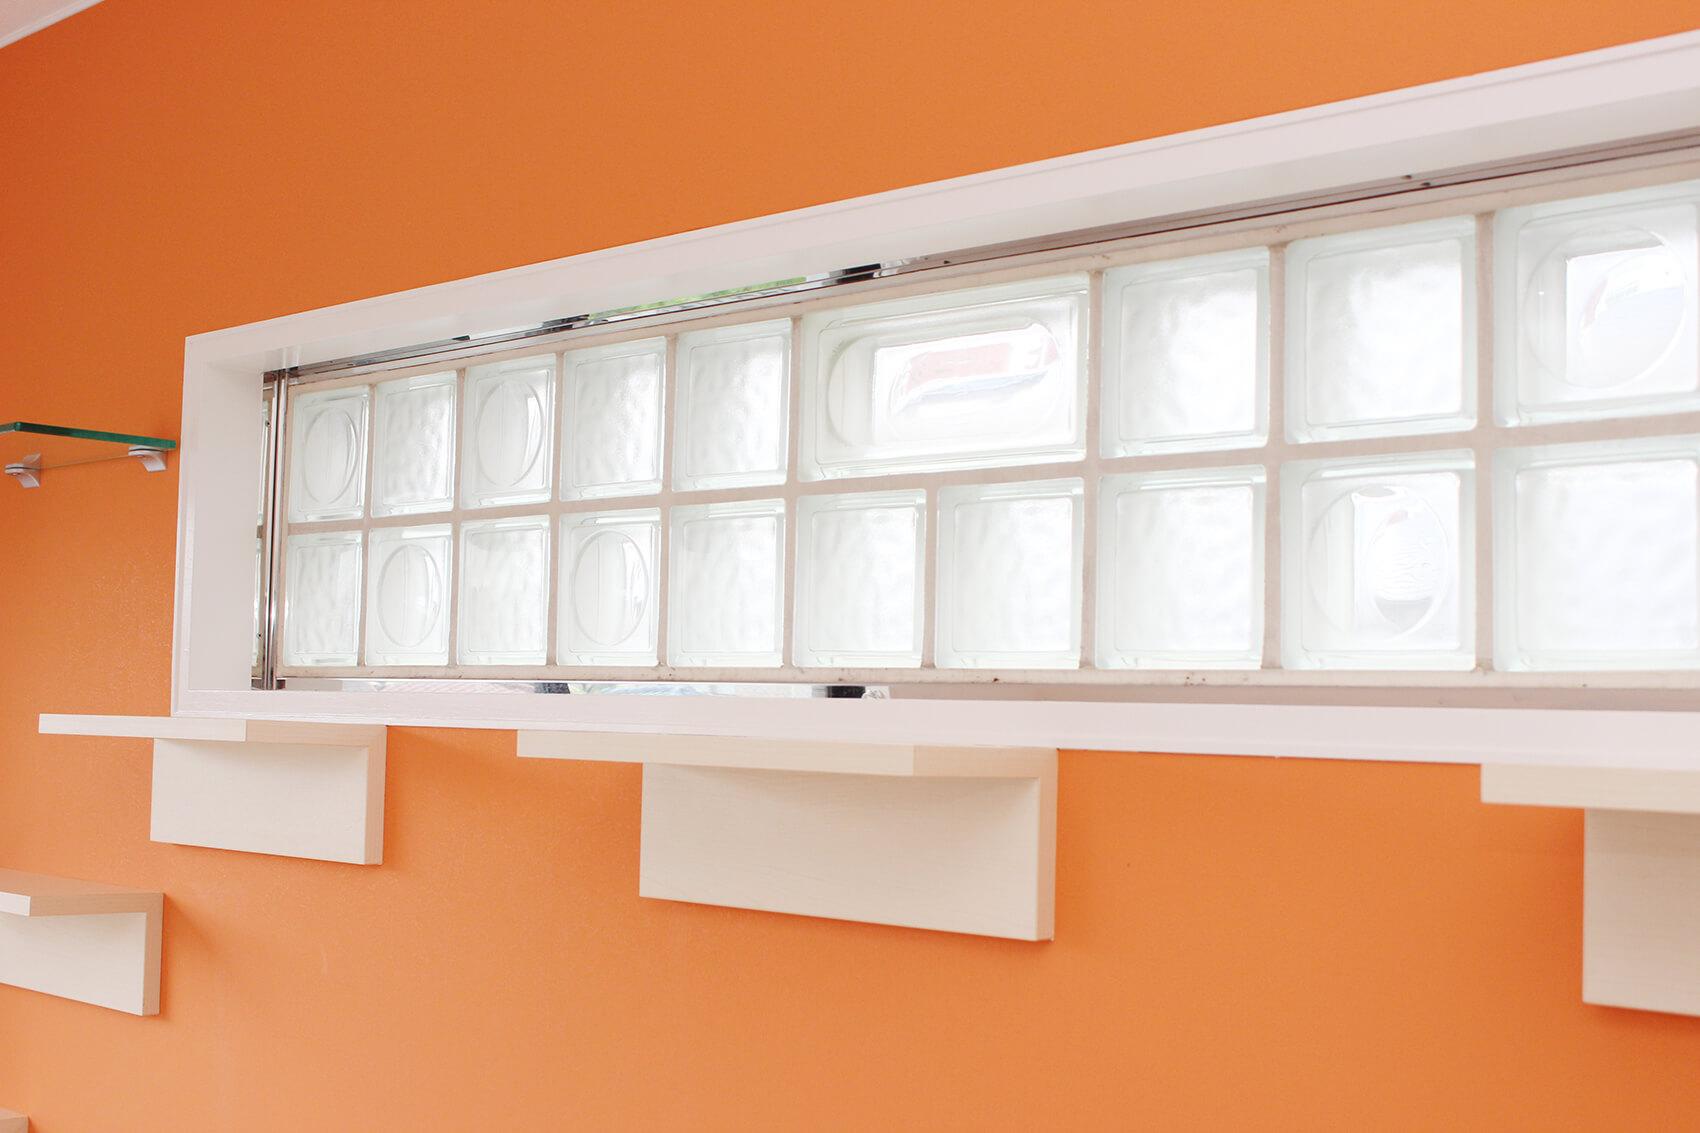 308号室のブロックガラス窓。日差しが和らいで暖かいひだまりができそうですにゃ。